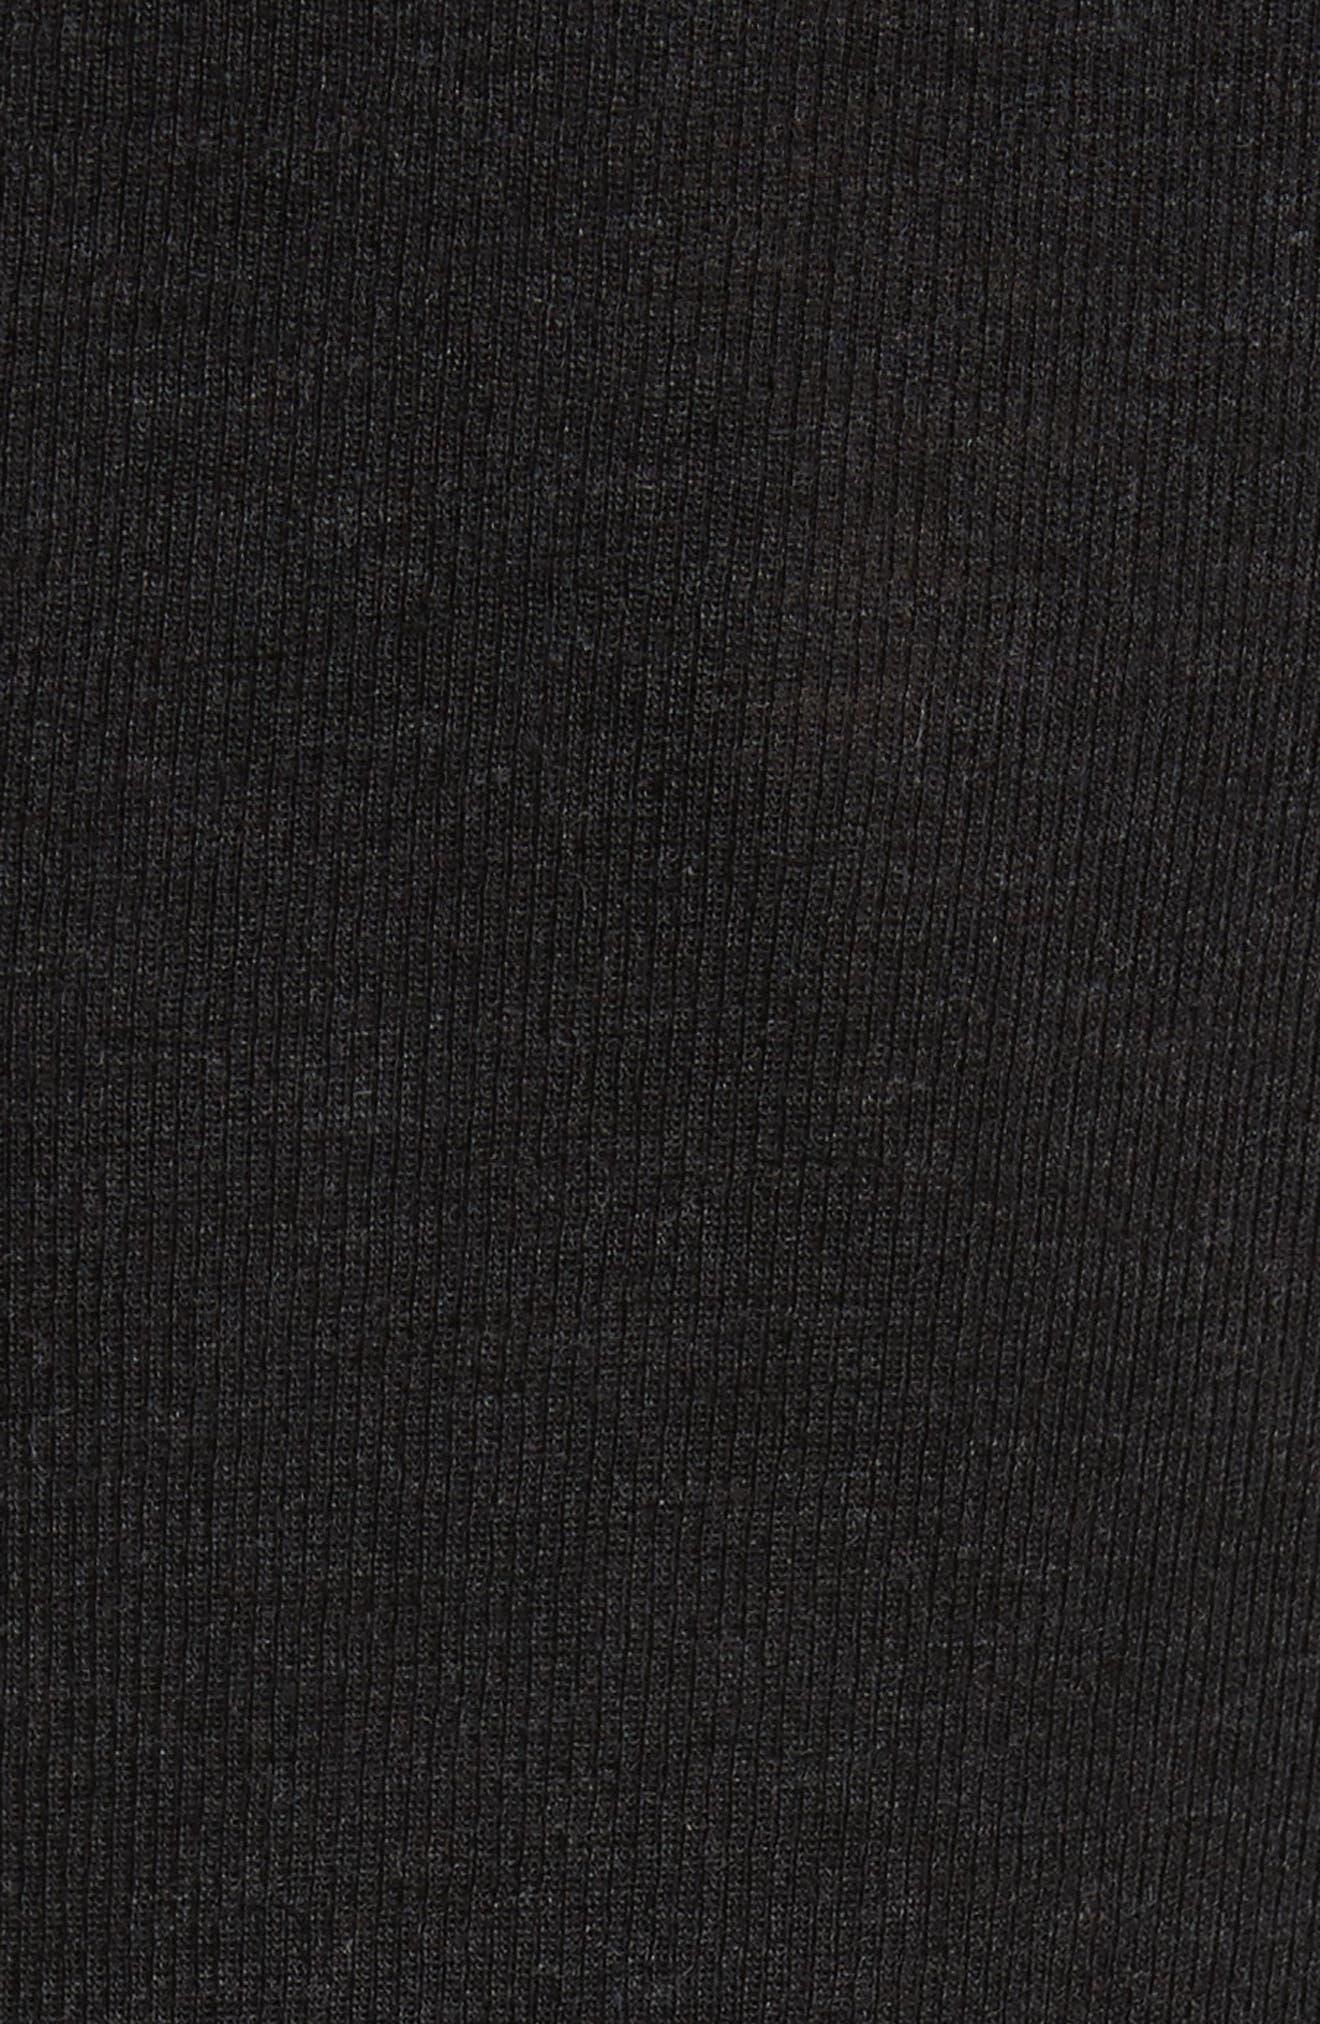 Surplus Off the Shoulder Knit Top,                             Alternate thumbnail 5, color,                             Black